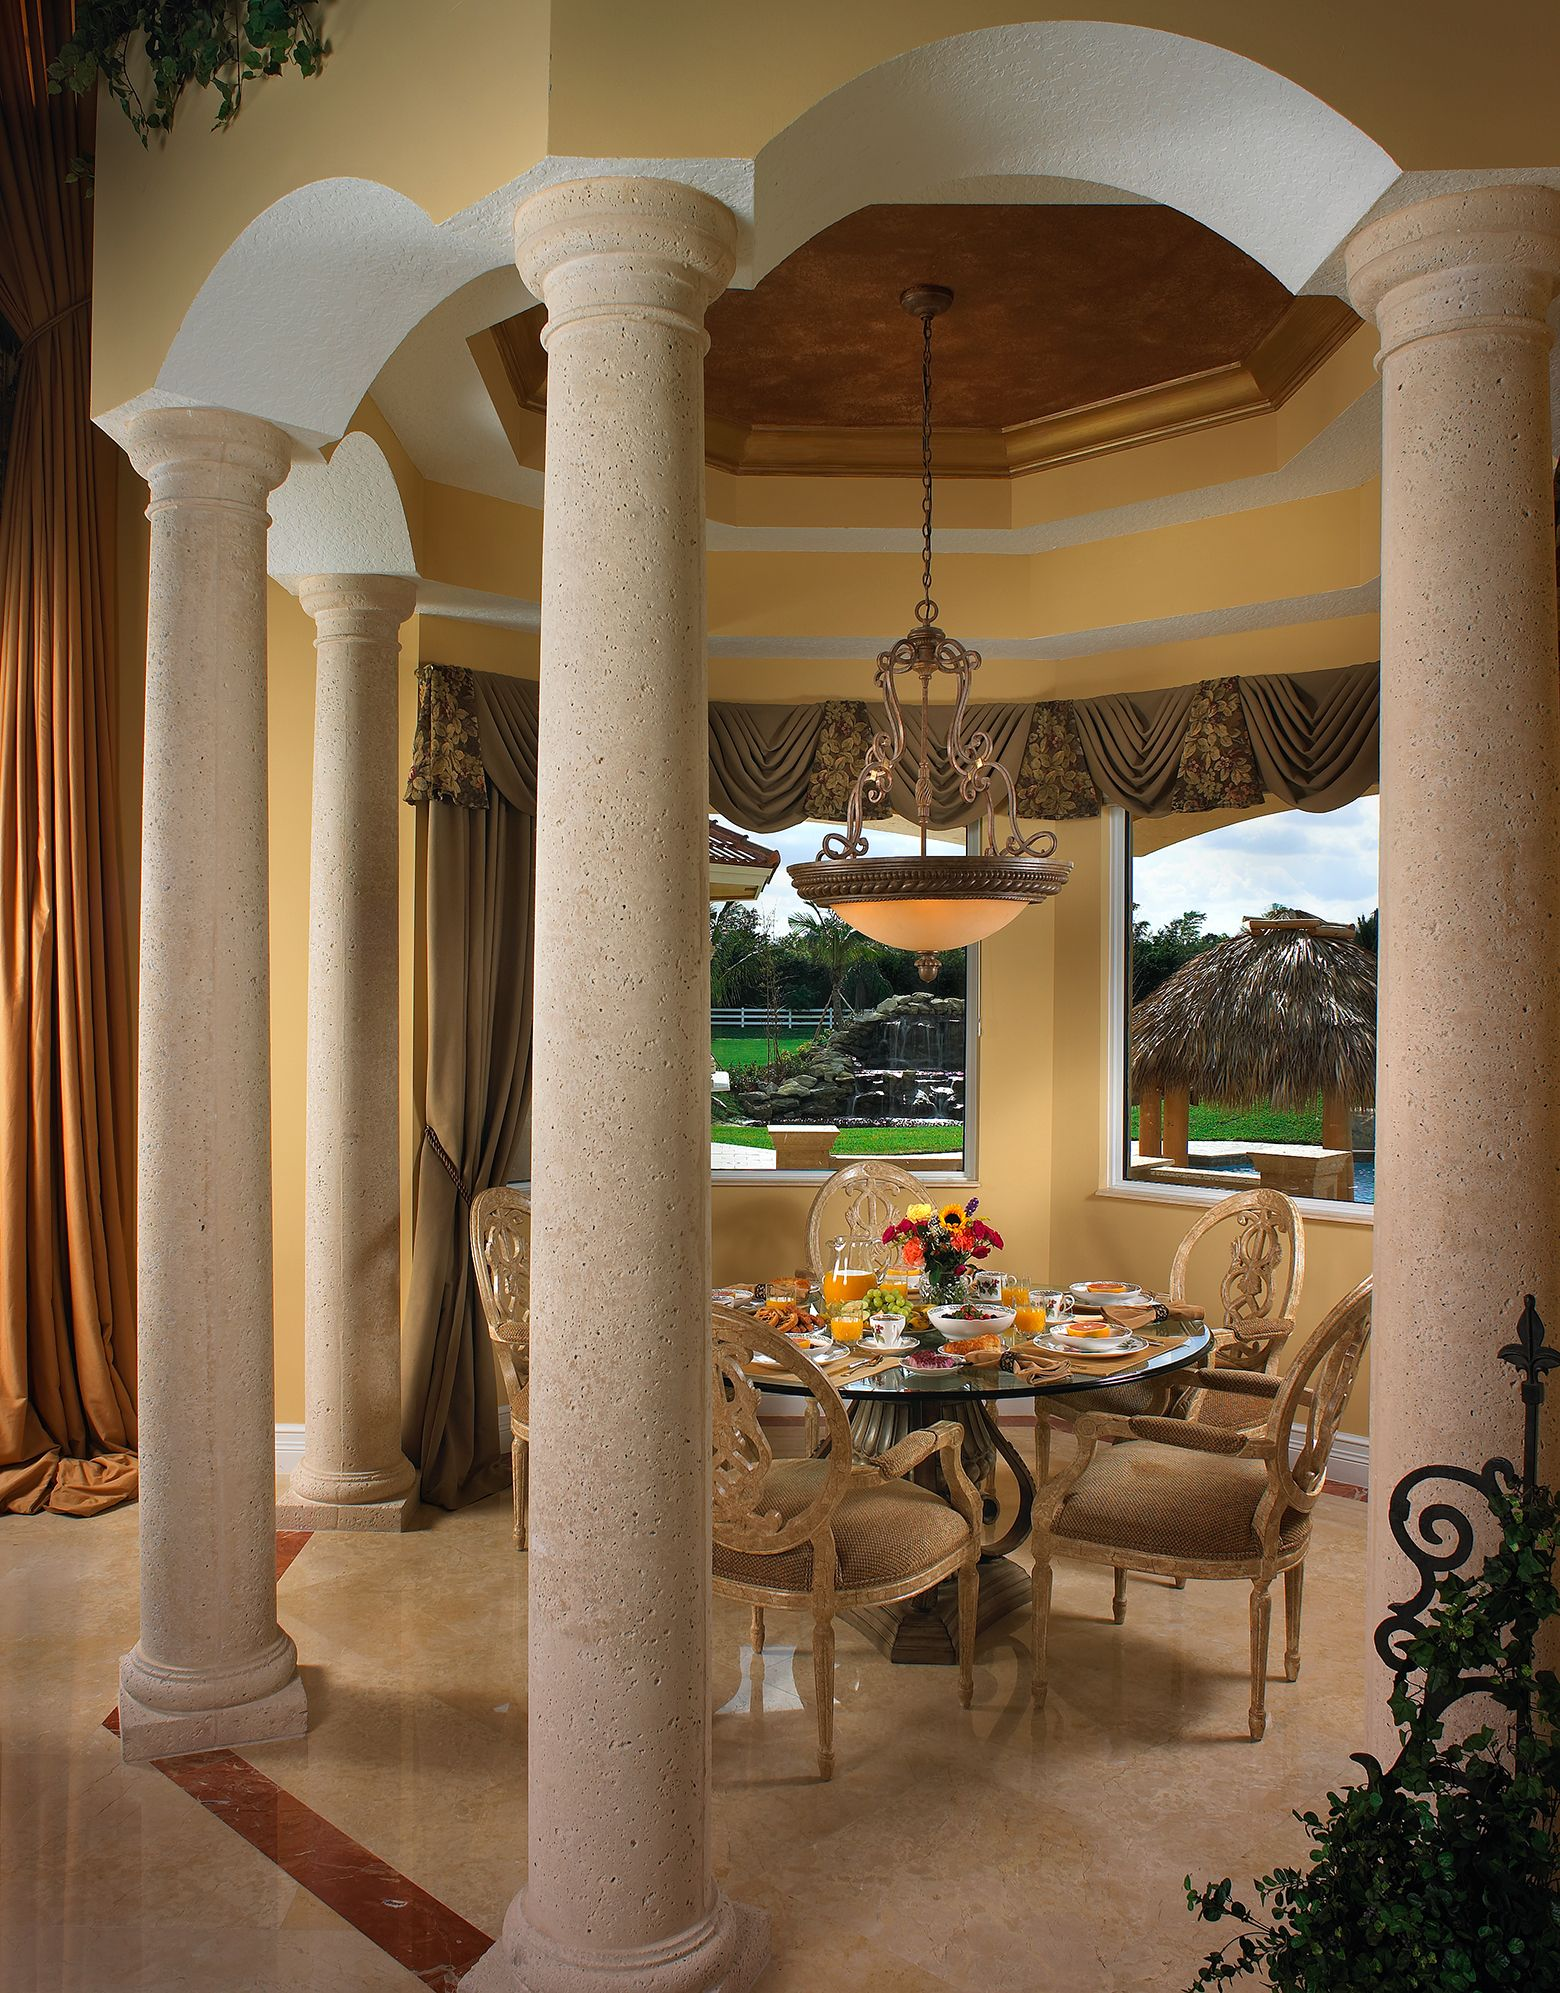 Cozy breakfast room overlooking beautiful landscape ...